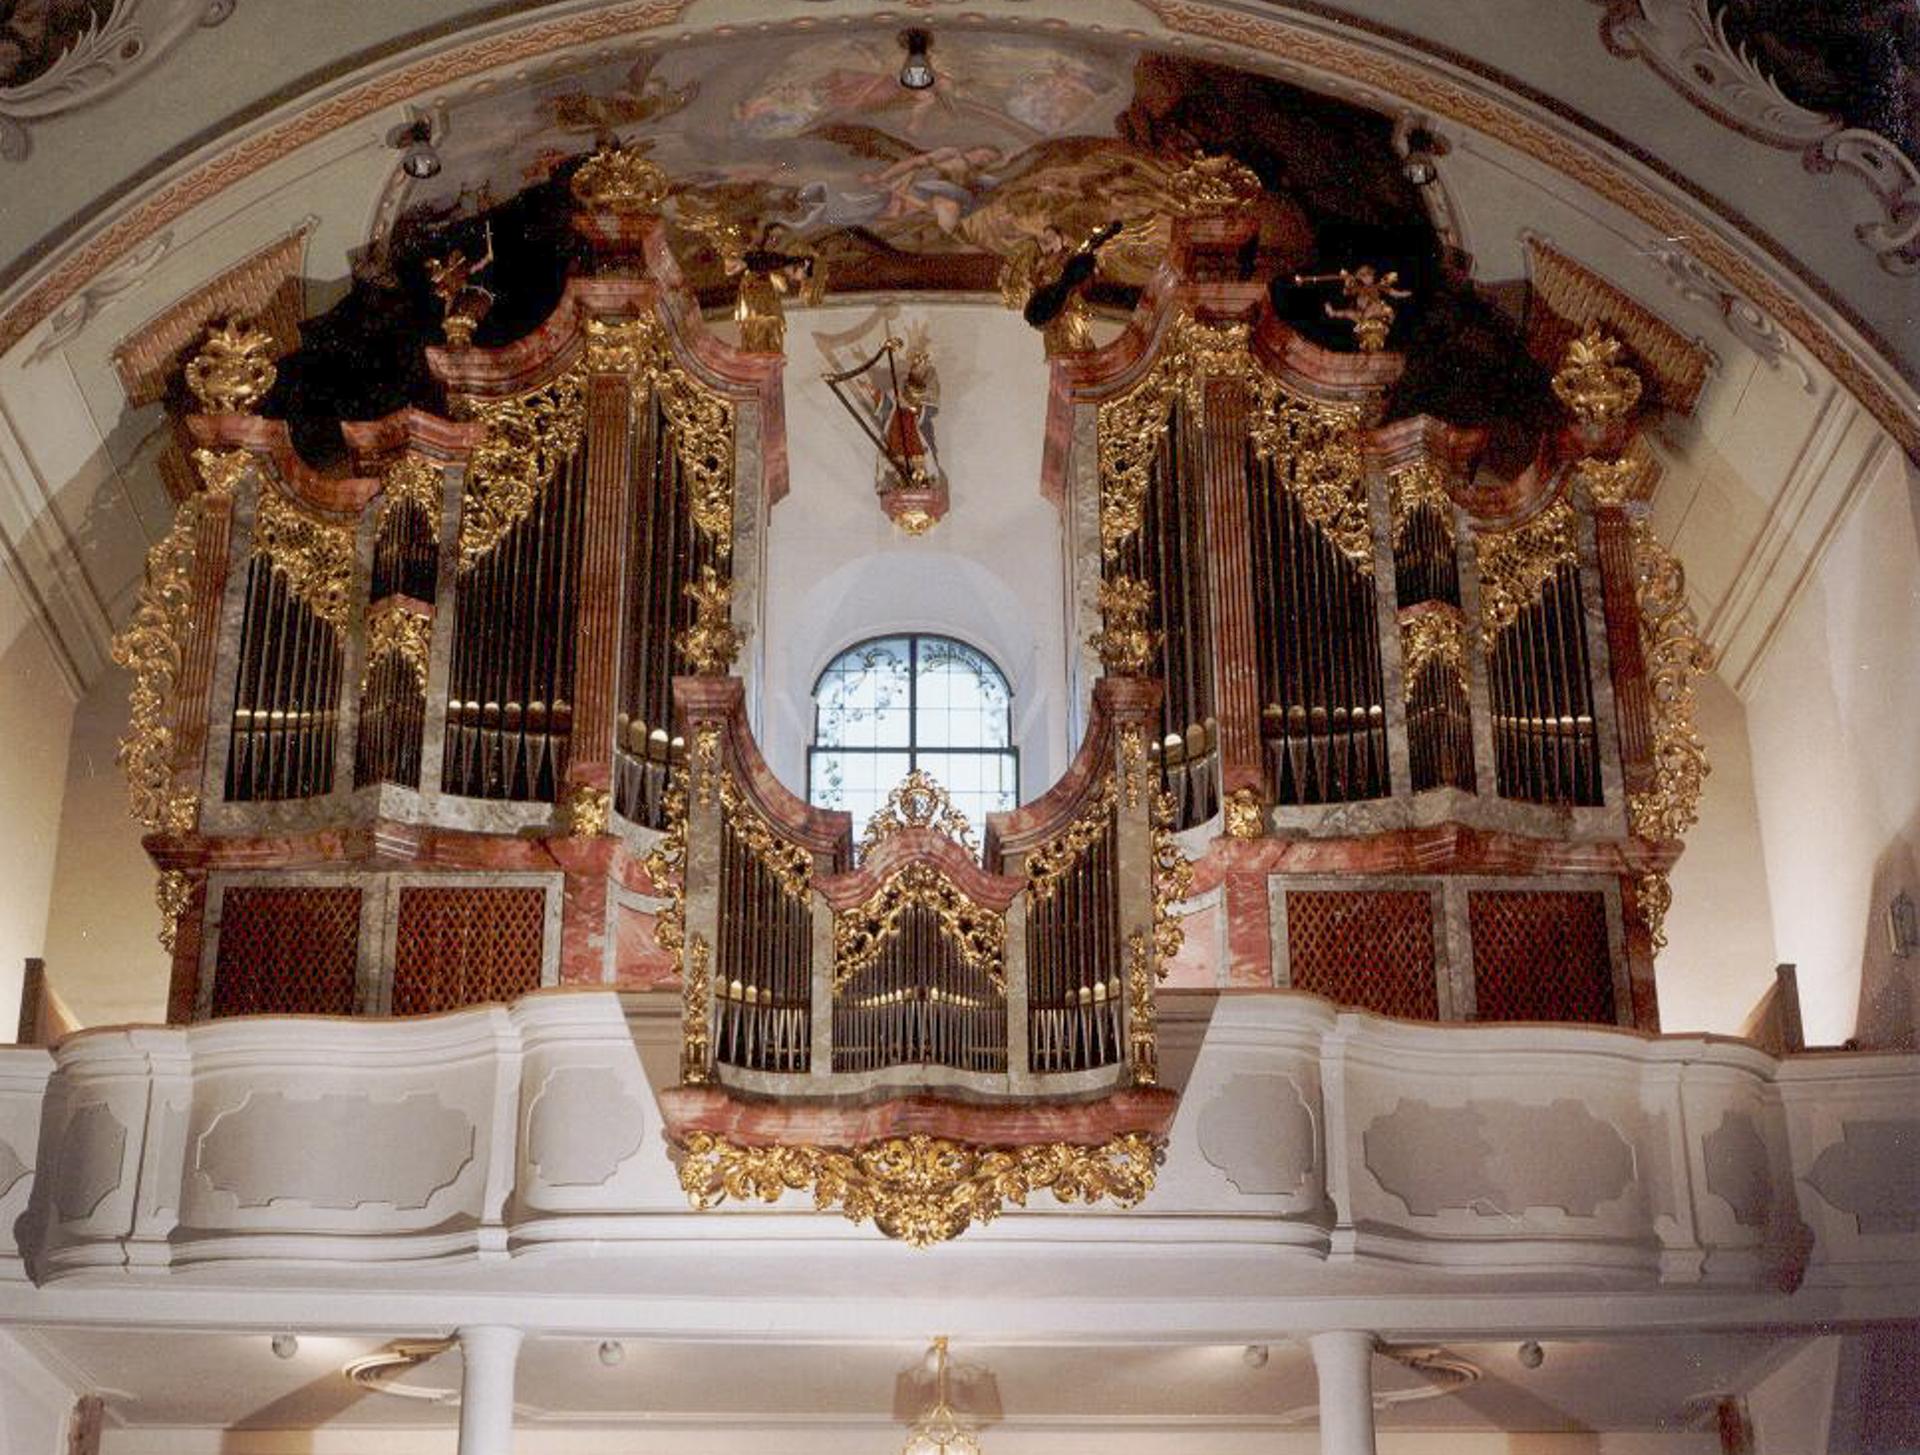 tischlerei-decker-Orgel-Hopfgarten-restauration